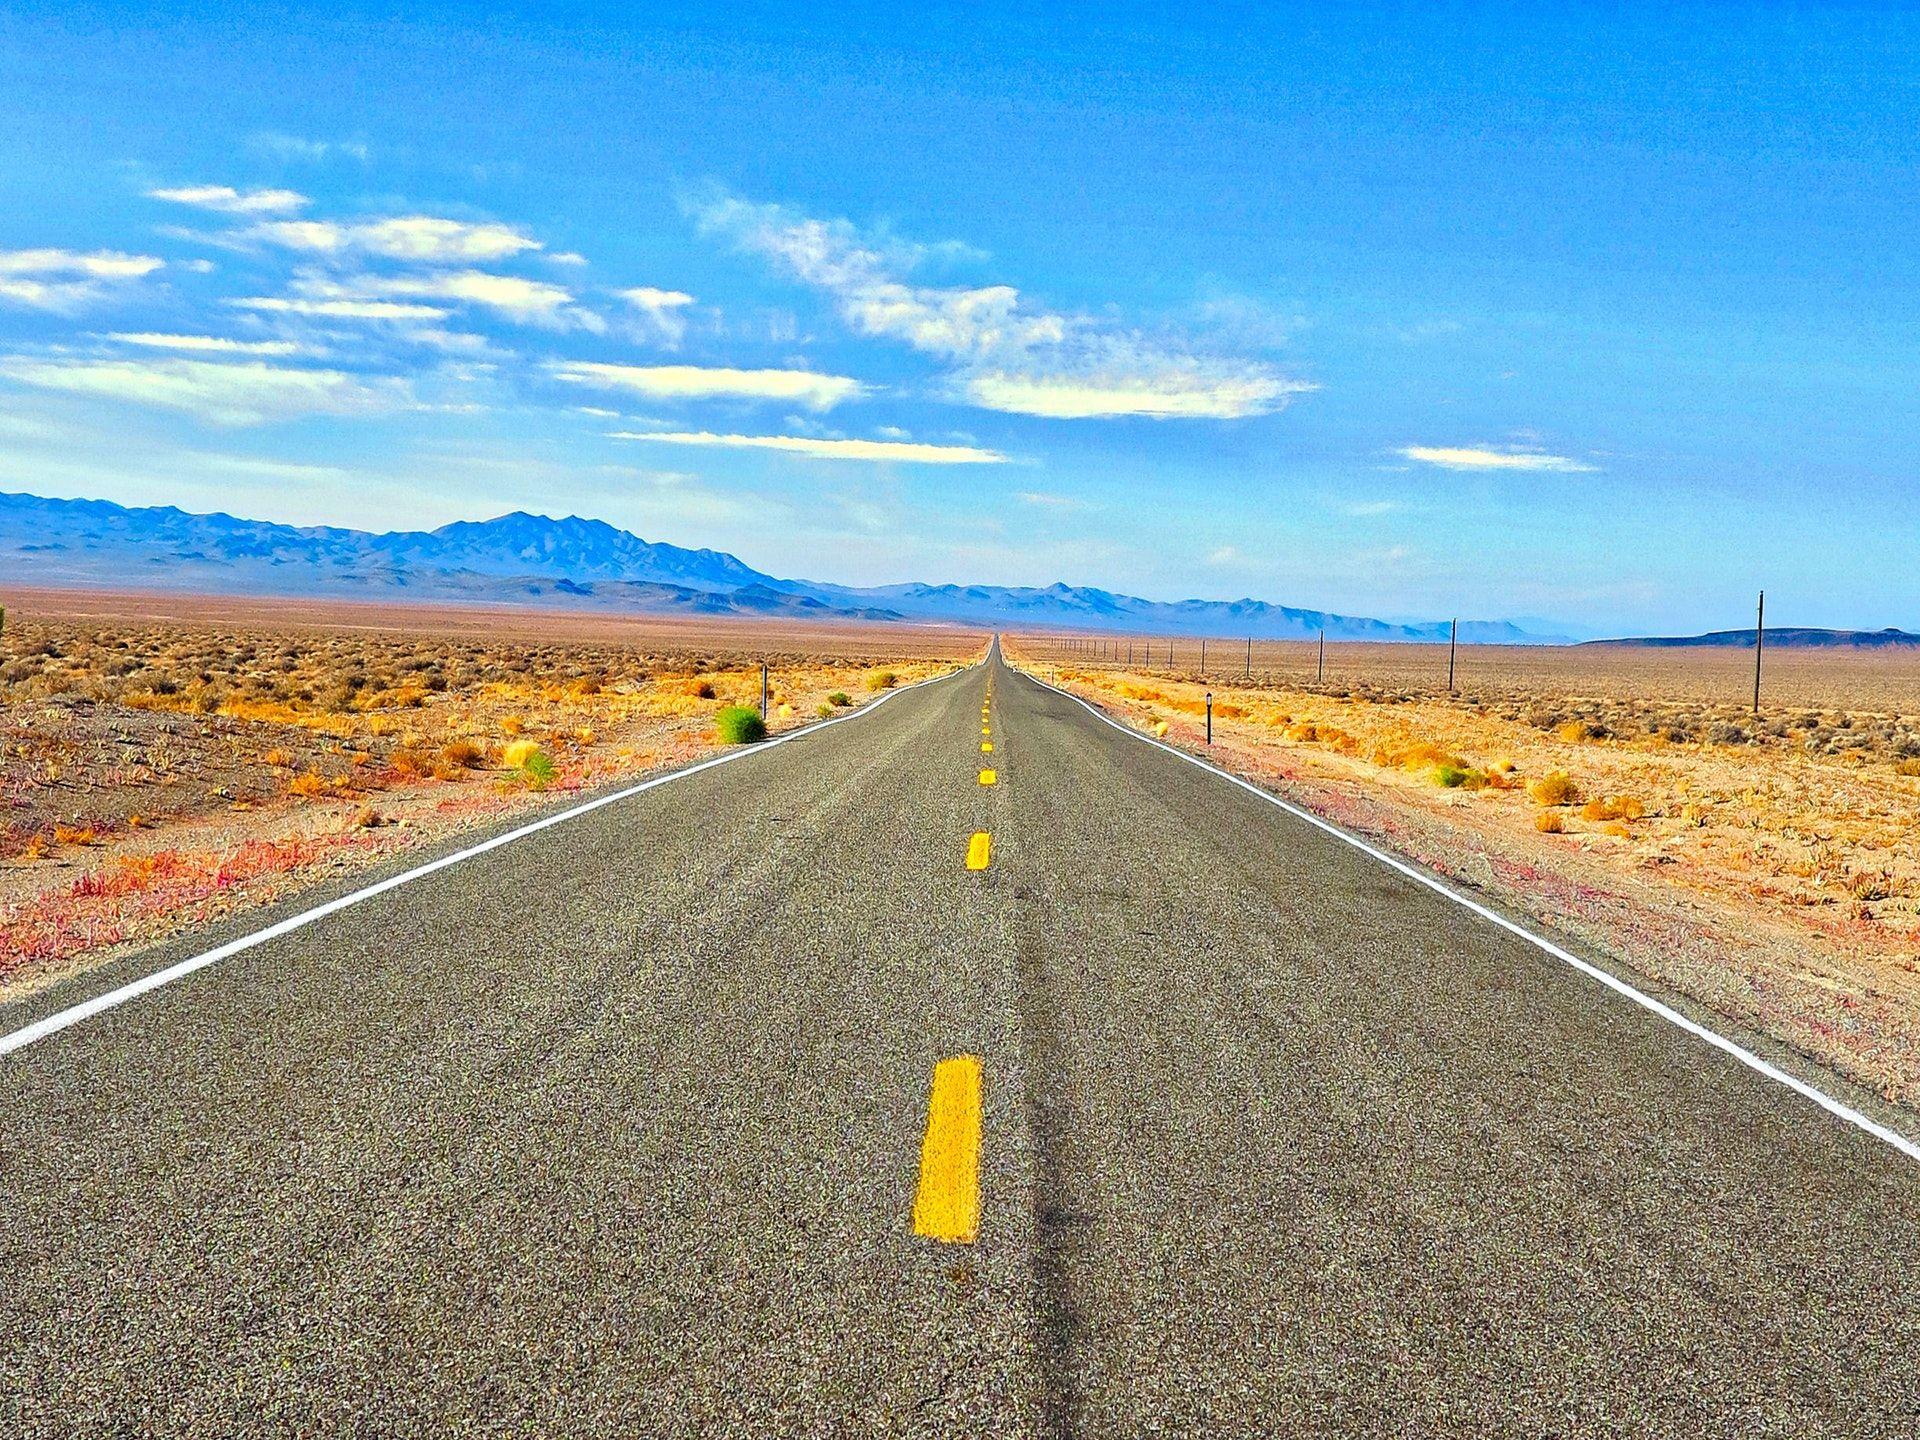 عکس زمینه جاده های بتنی خاکستری میان کویر پس زمینه